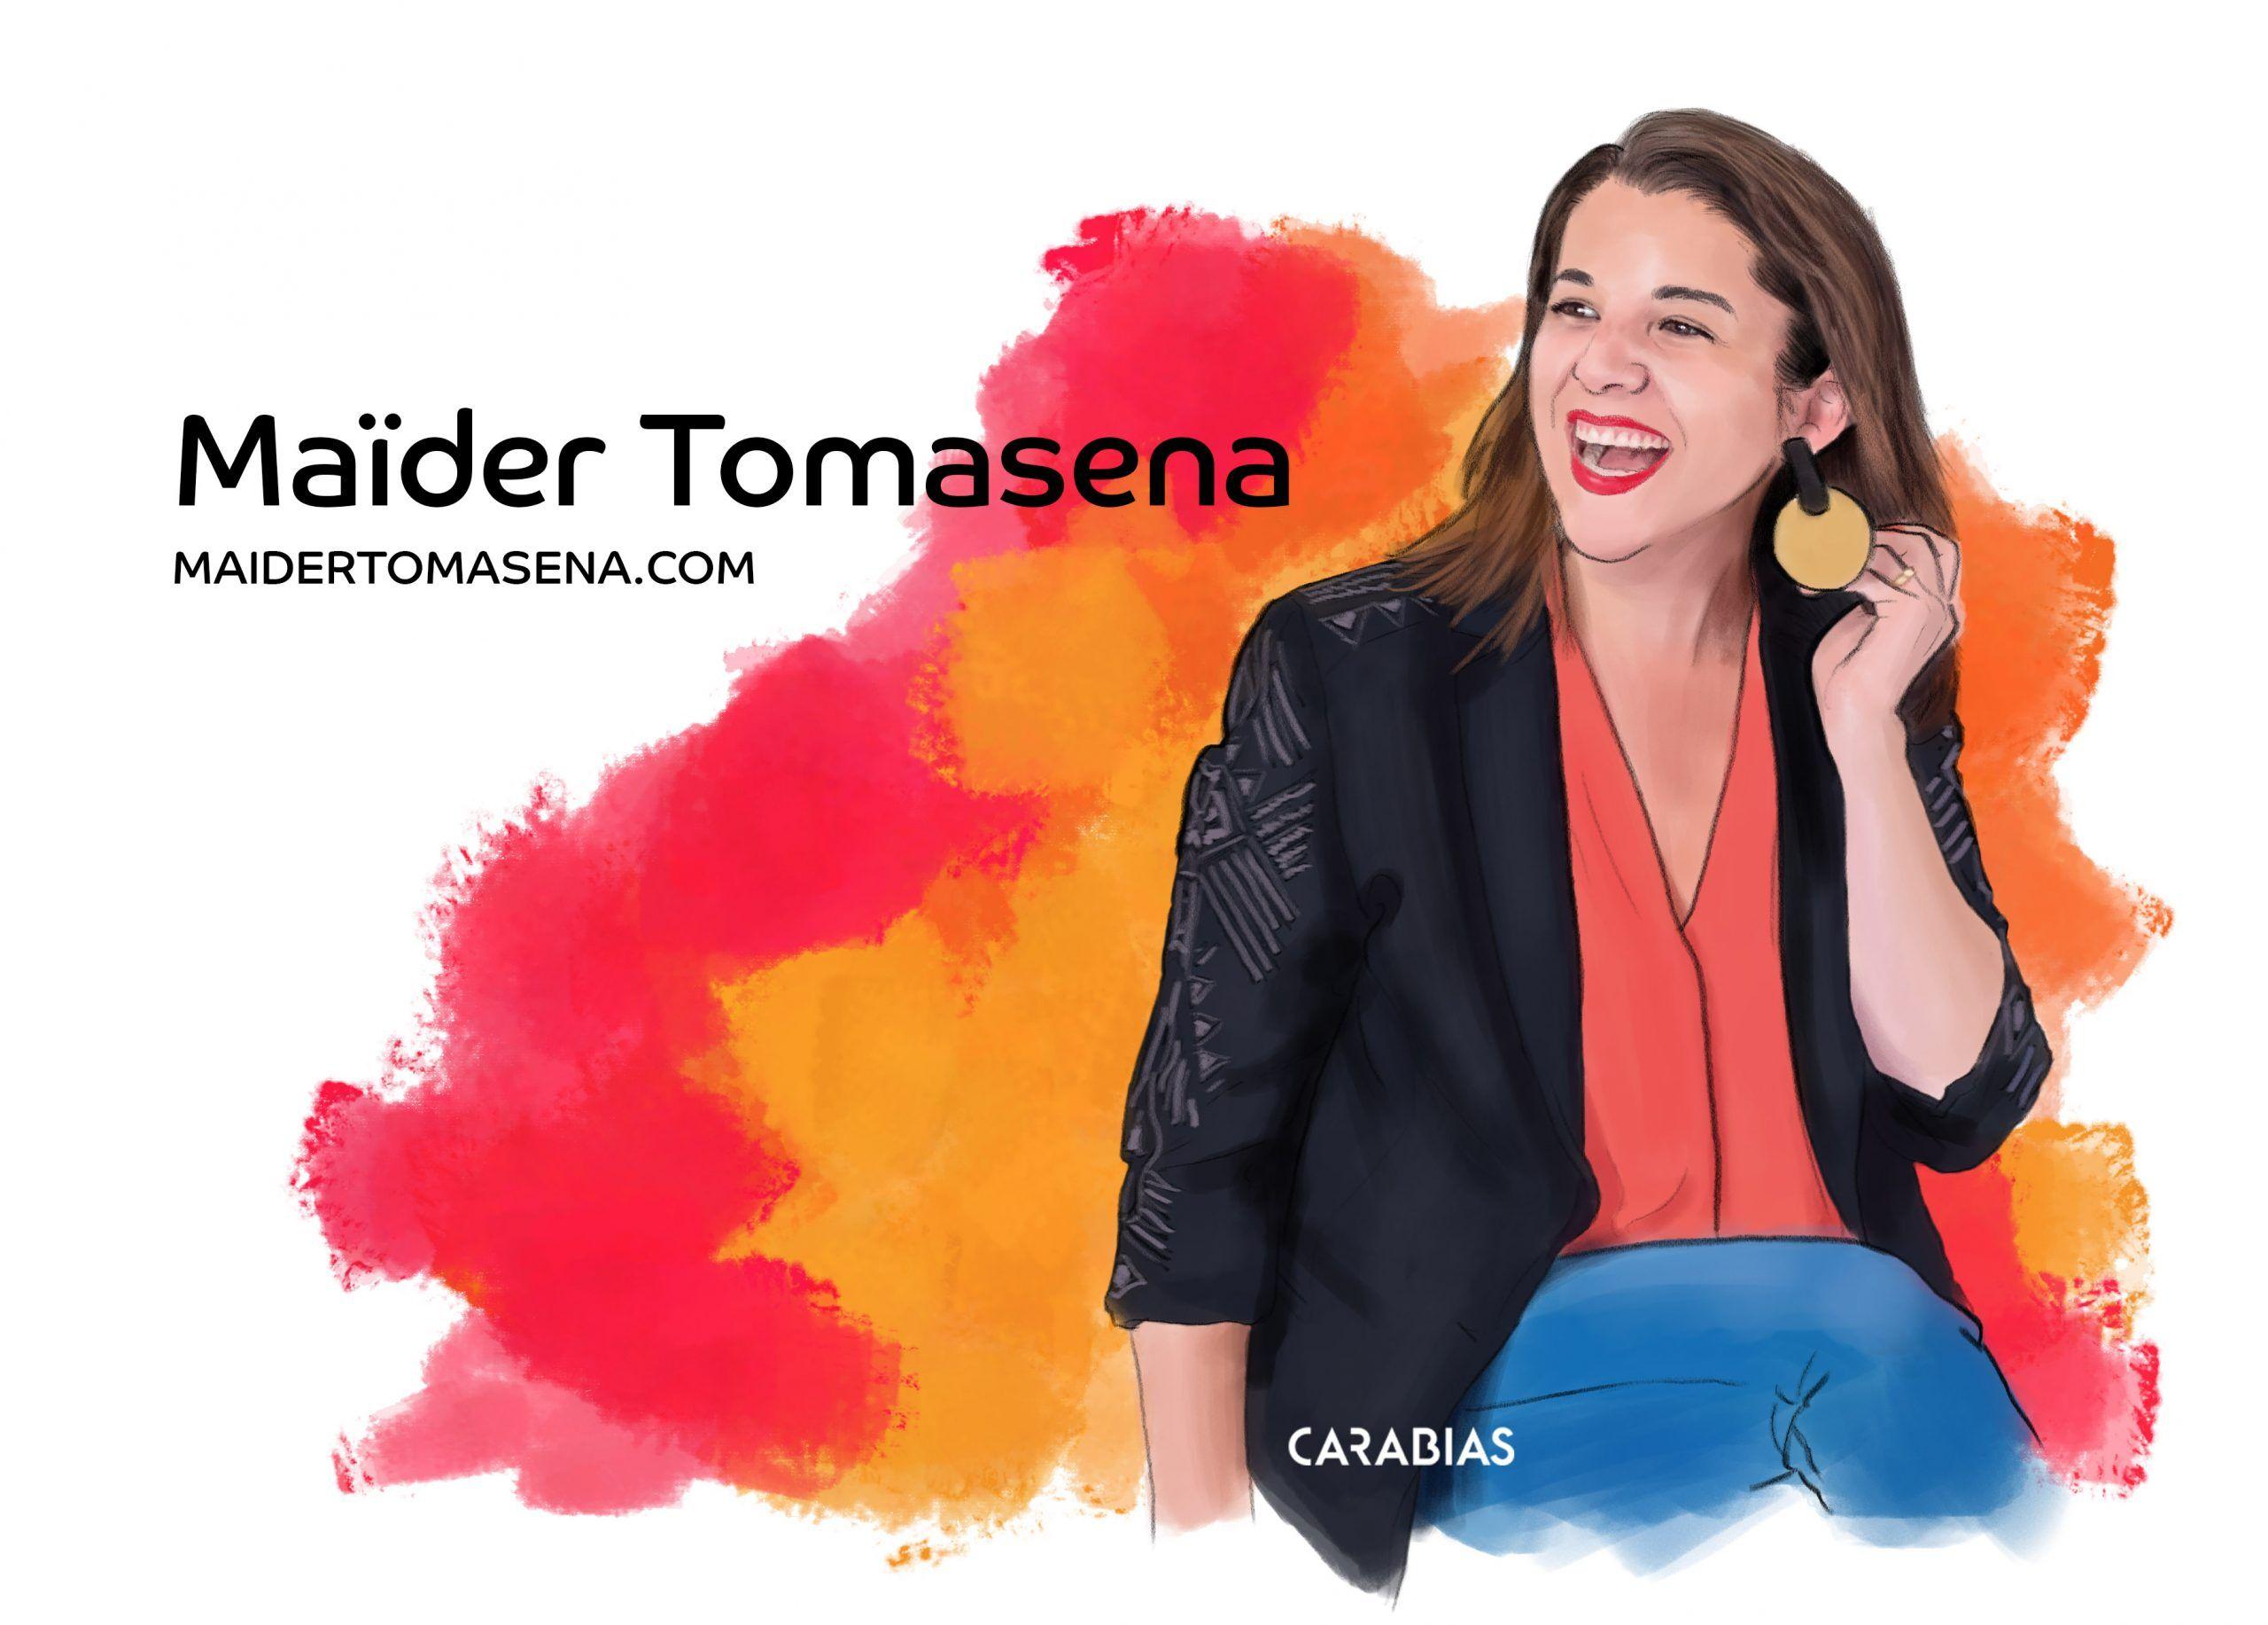 ilustracion Maider Tomasena dibujado por Carabias